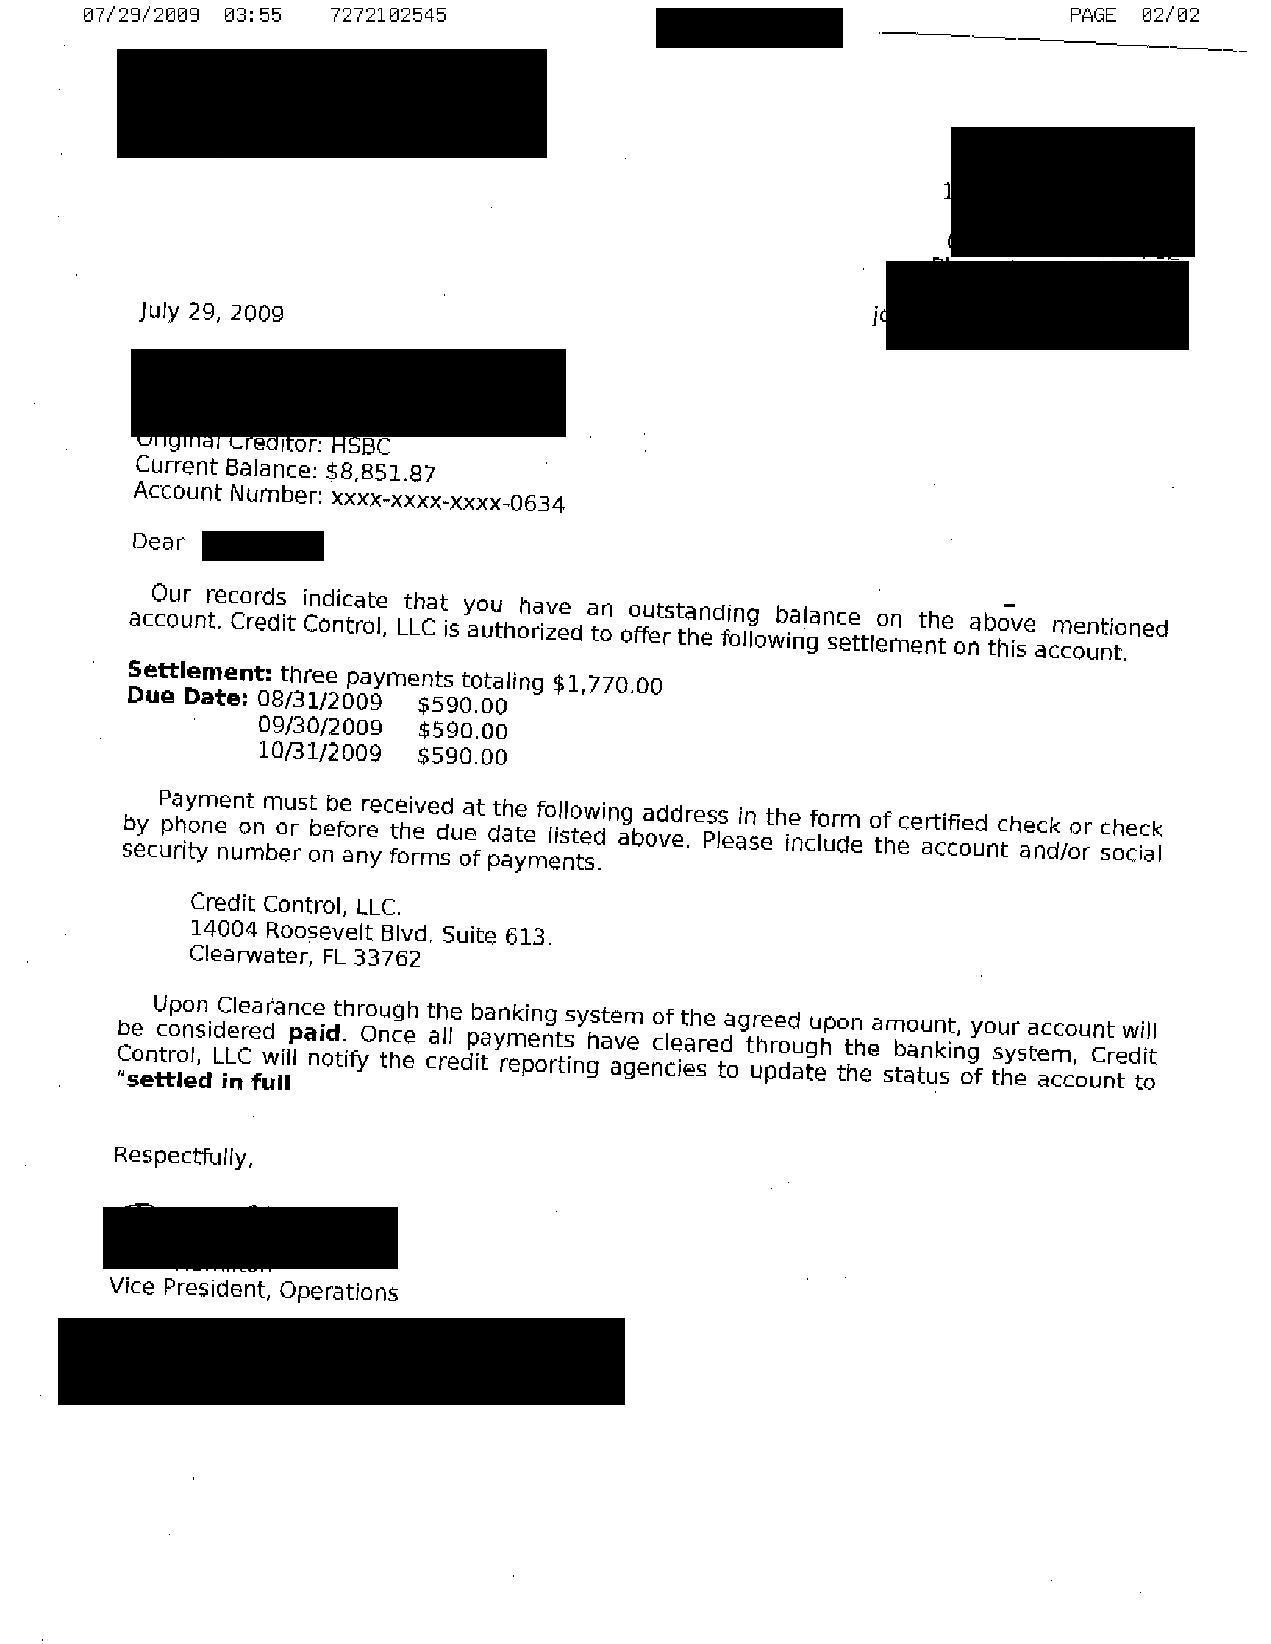 HSBC Debt Settlement Letter Saved $7081